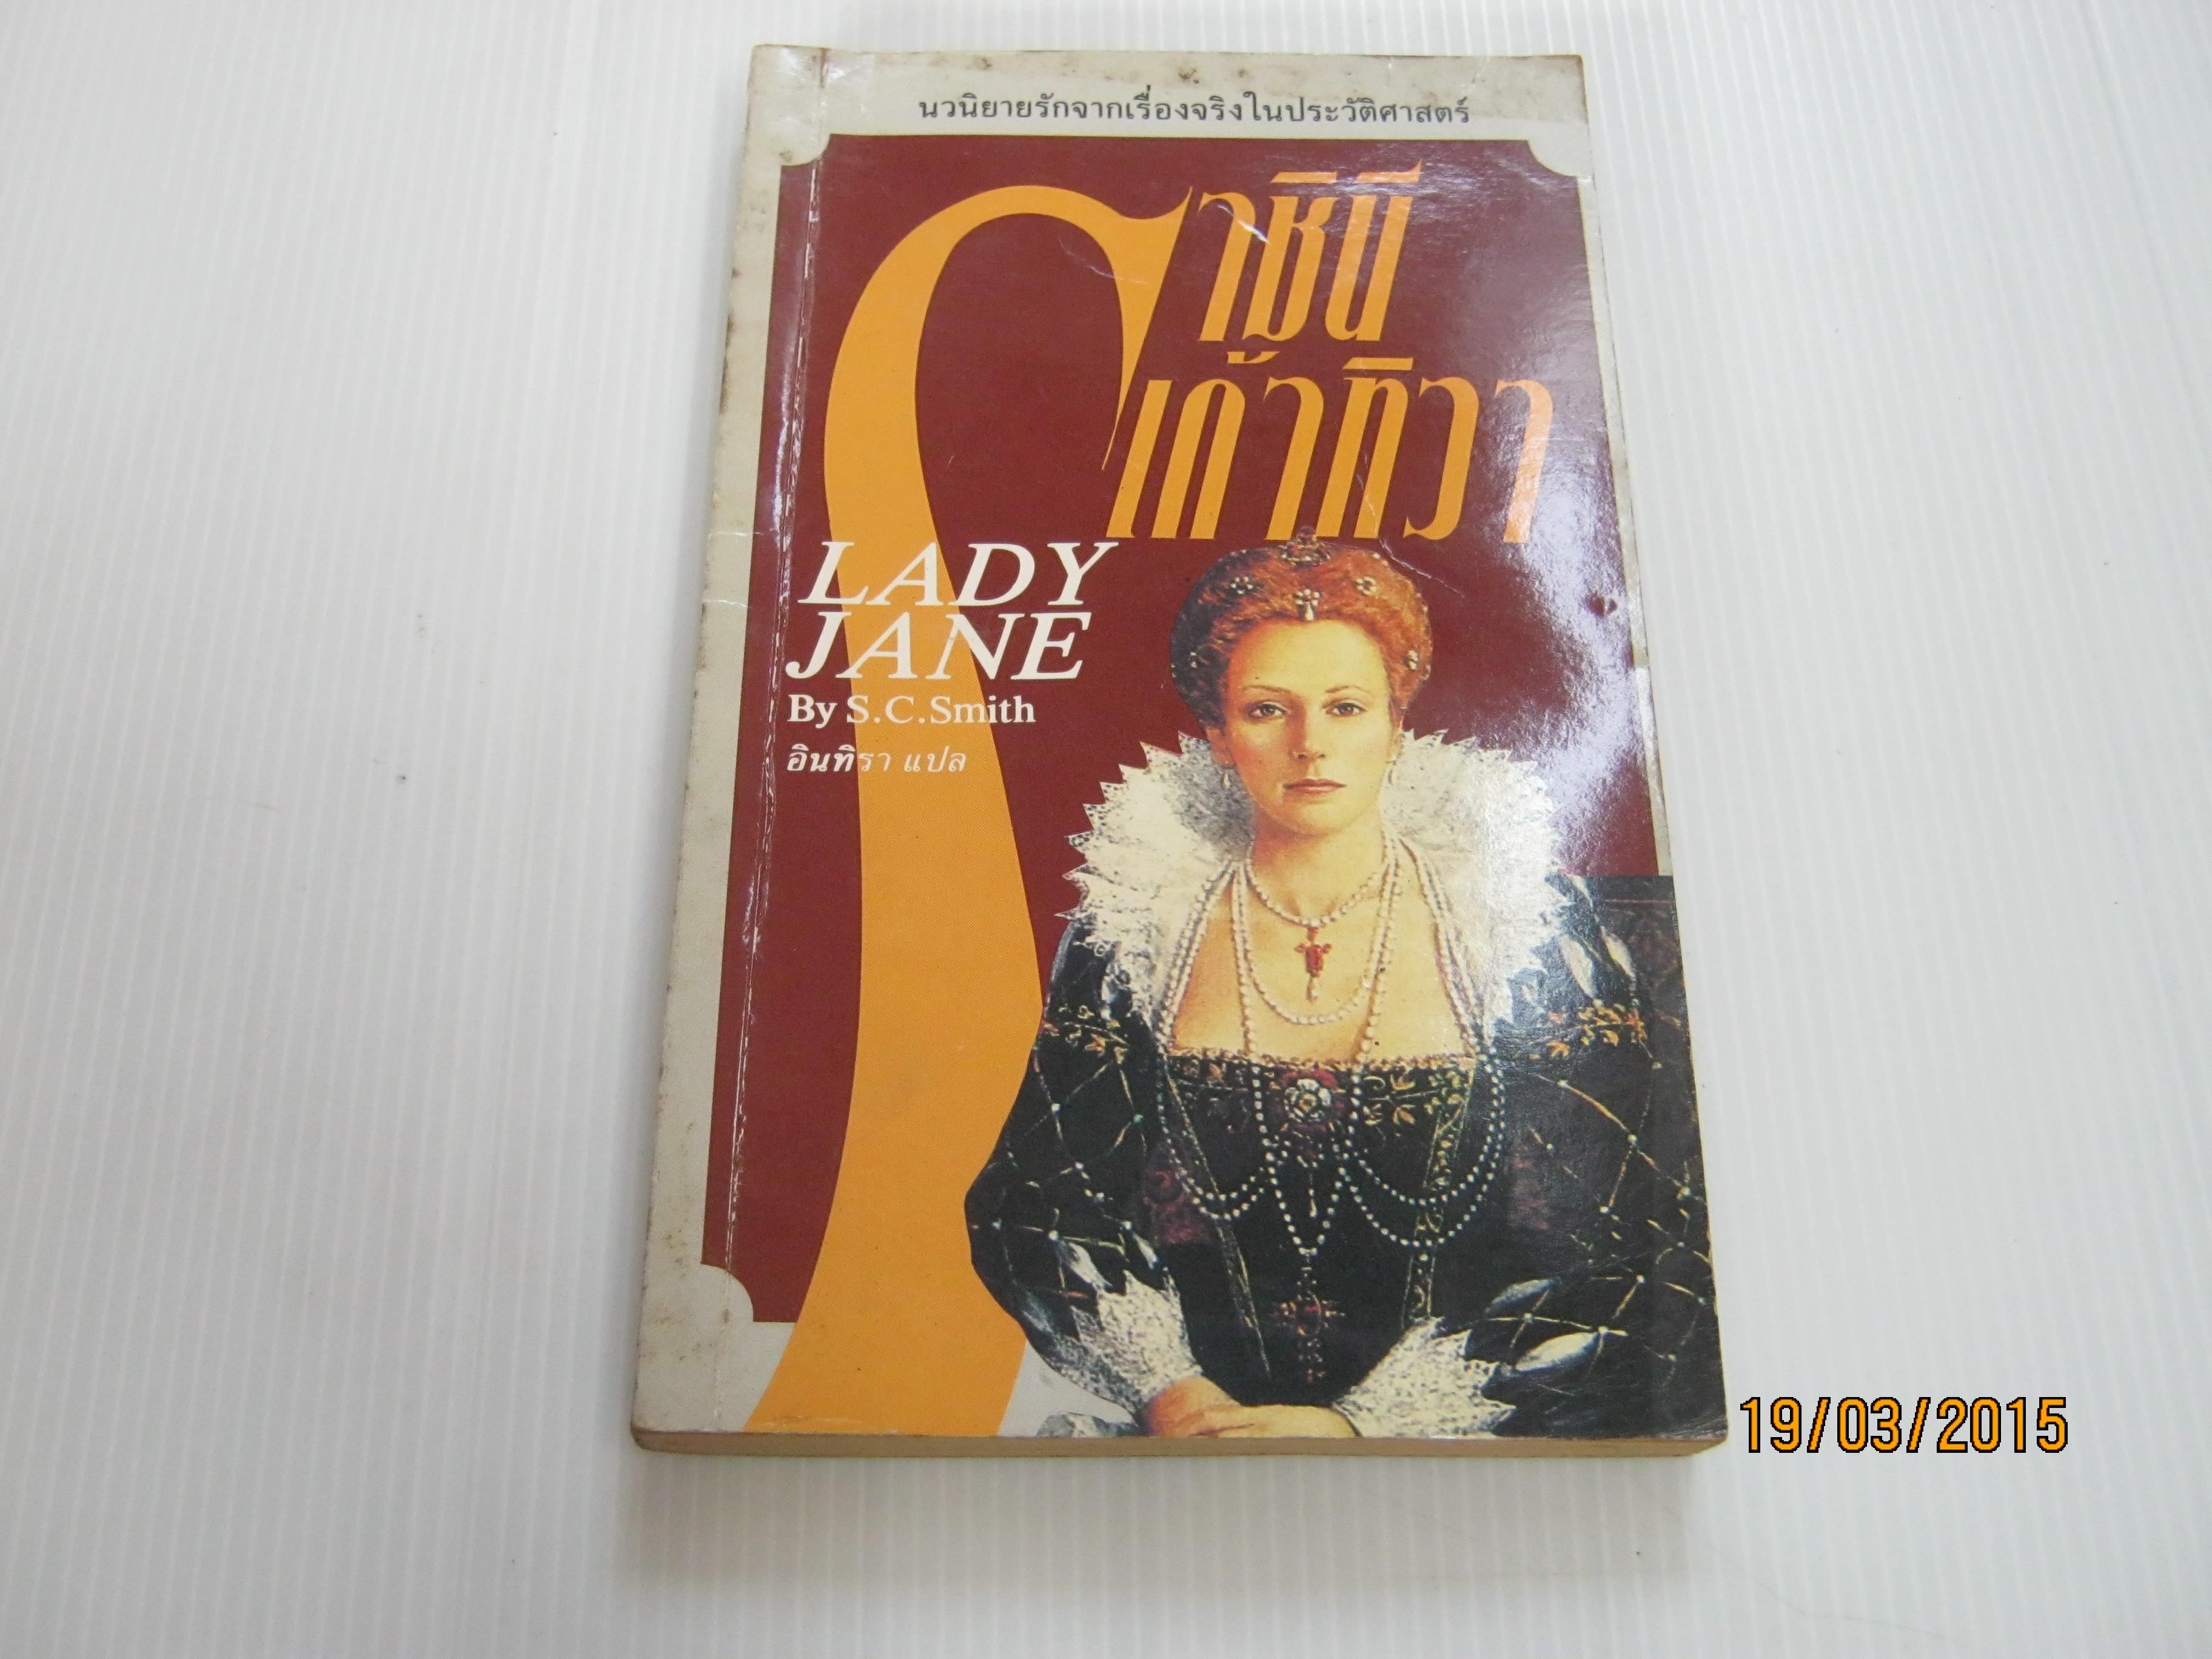 ราชินีเก้าทิวา (Lady Jane) S.C.Smith เขียน อินทิรา แปล